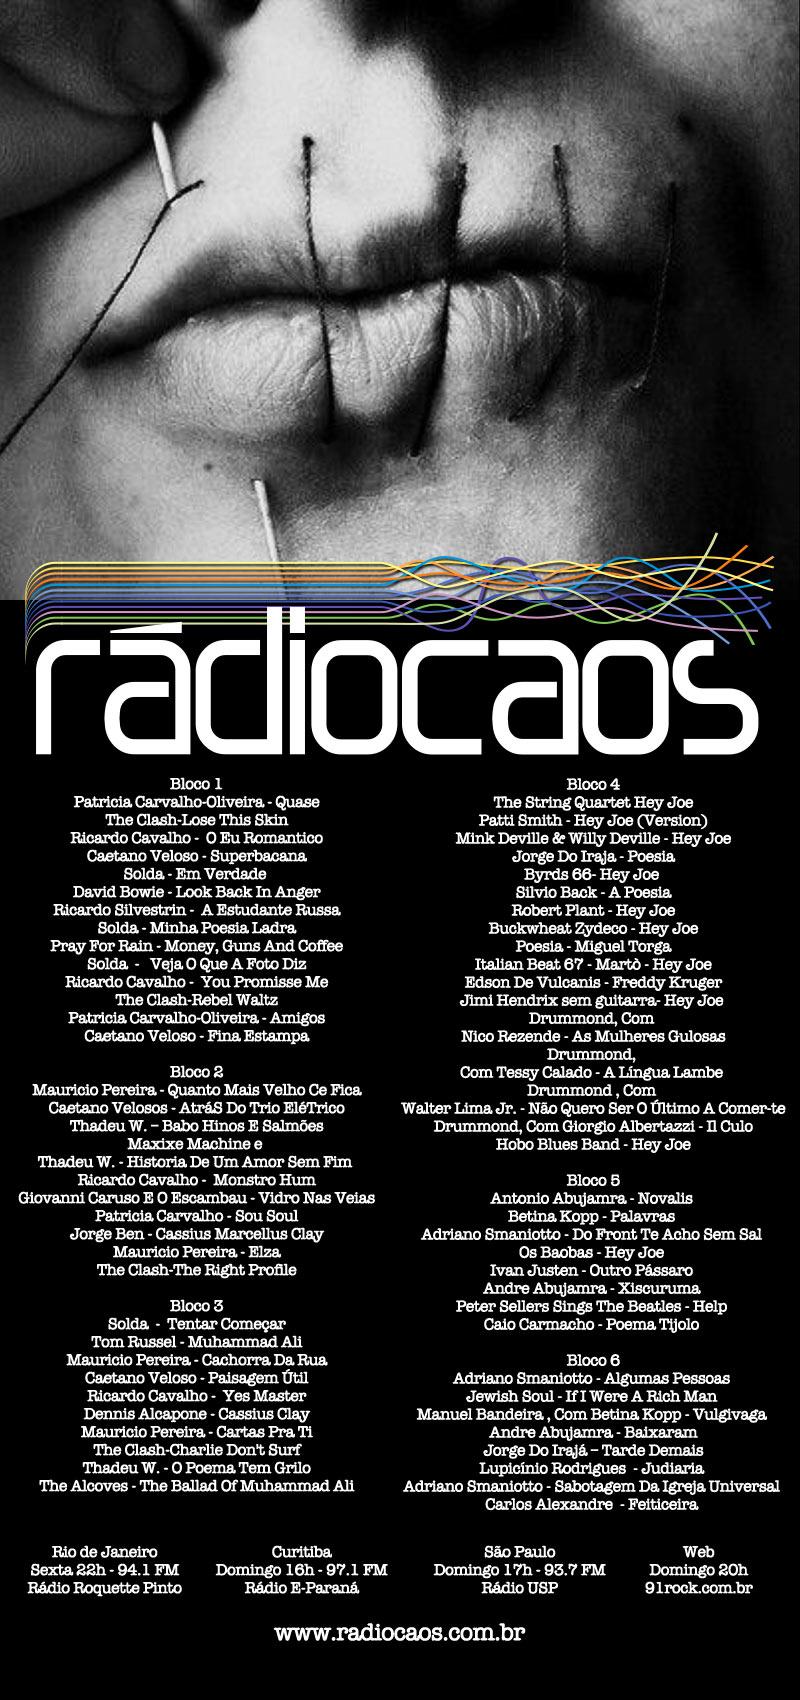 mailcaos-16-11-2012